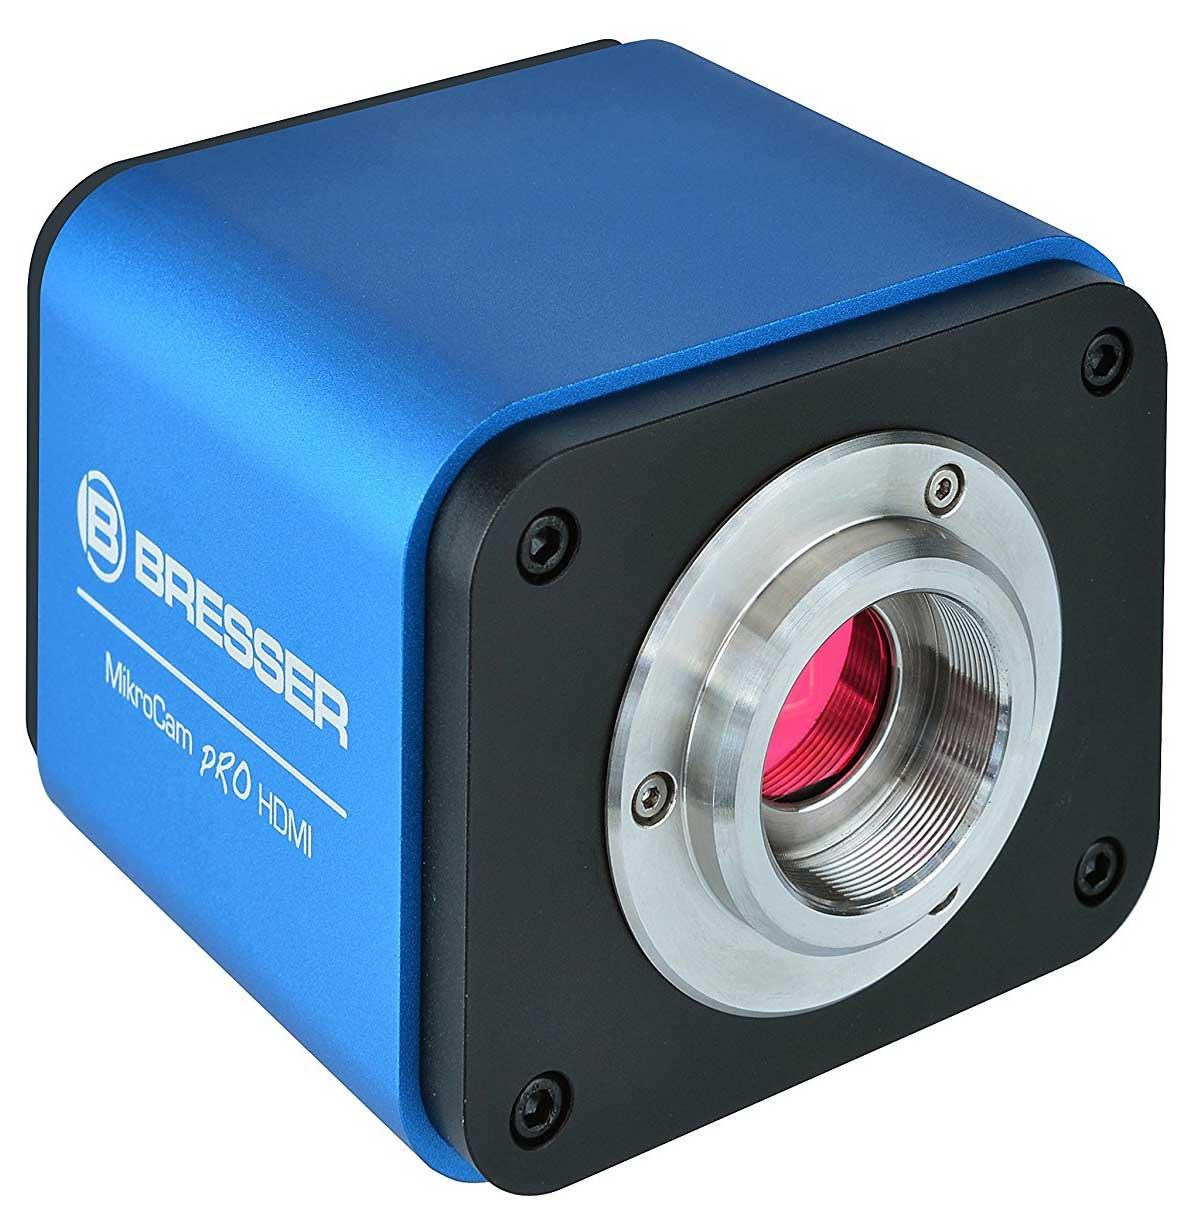 Mikroskopkamera MikroCam Pro Bresser (HDMI, SD, Full HD)